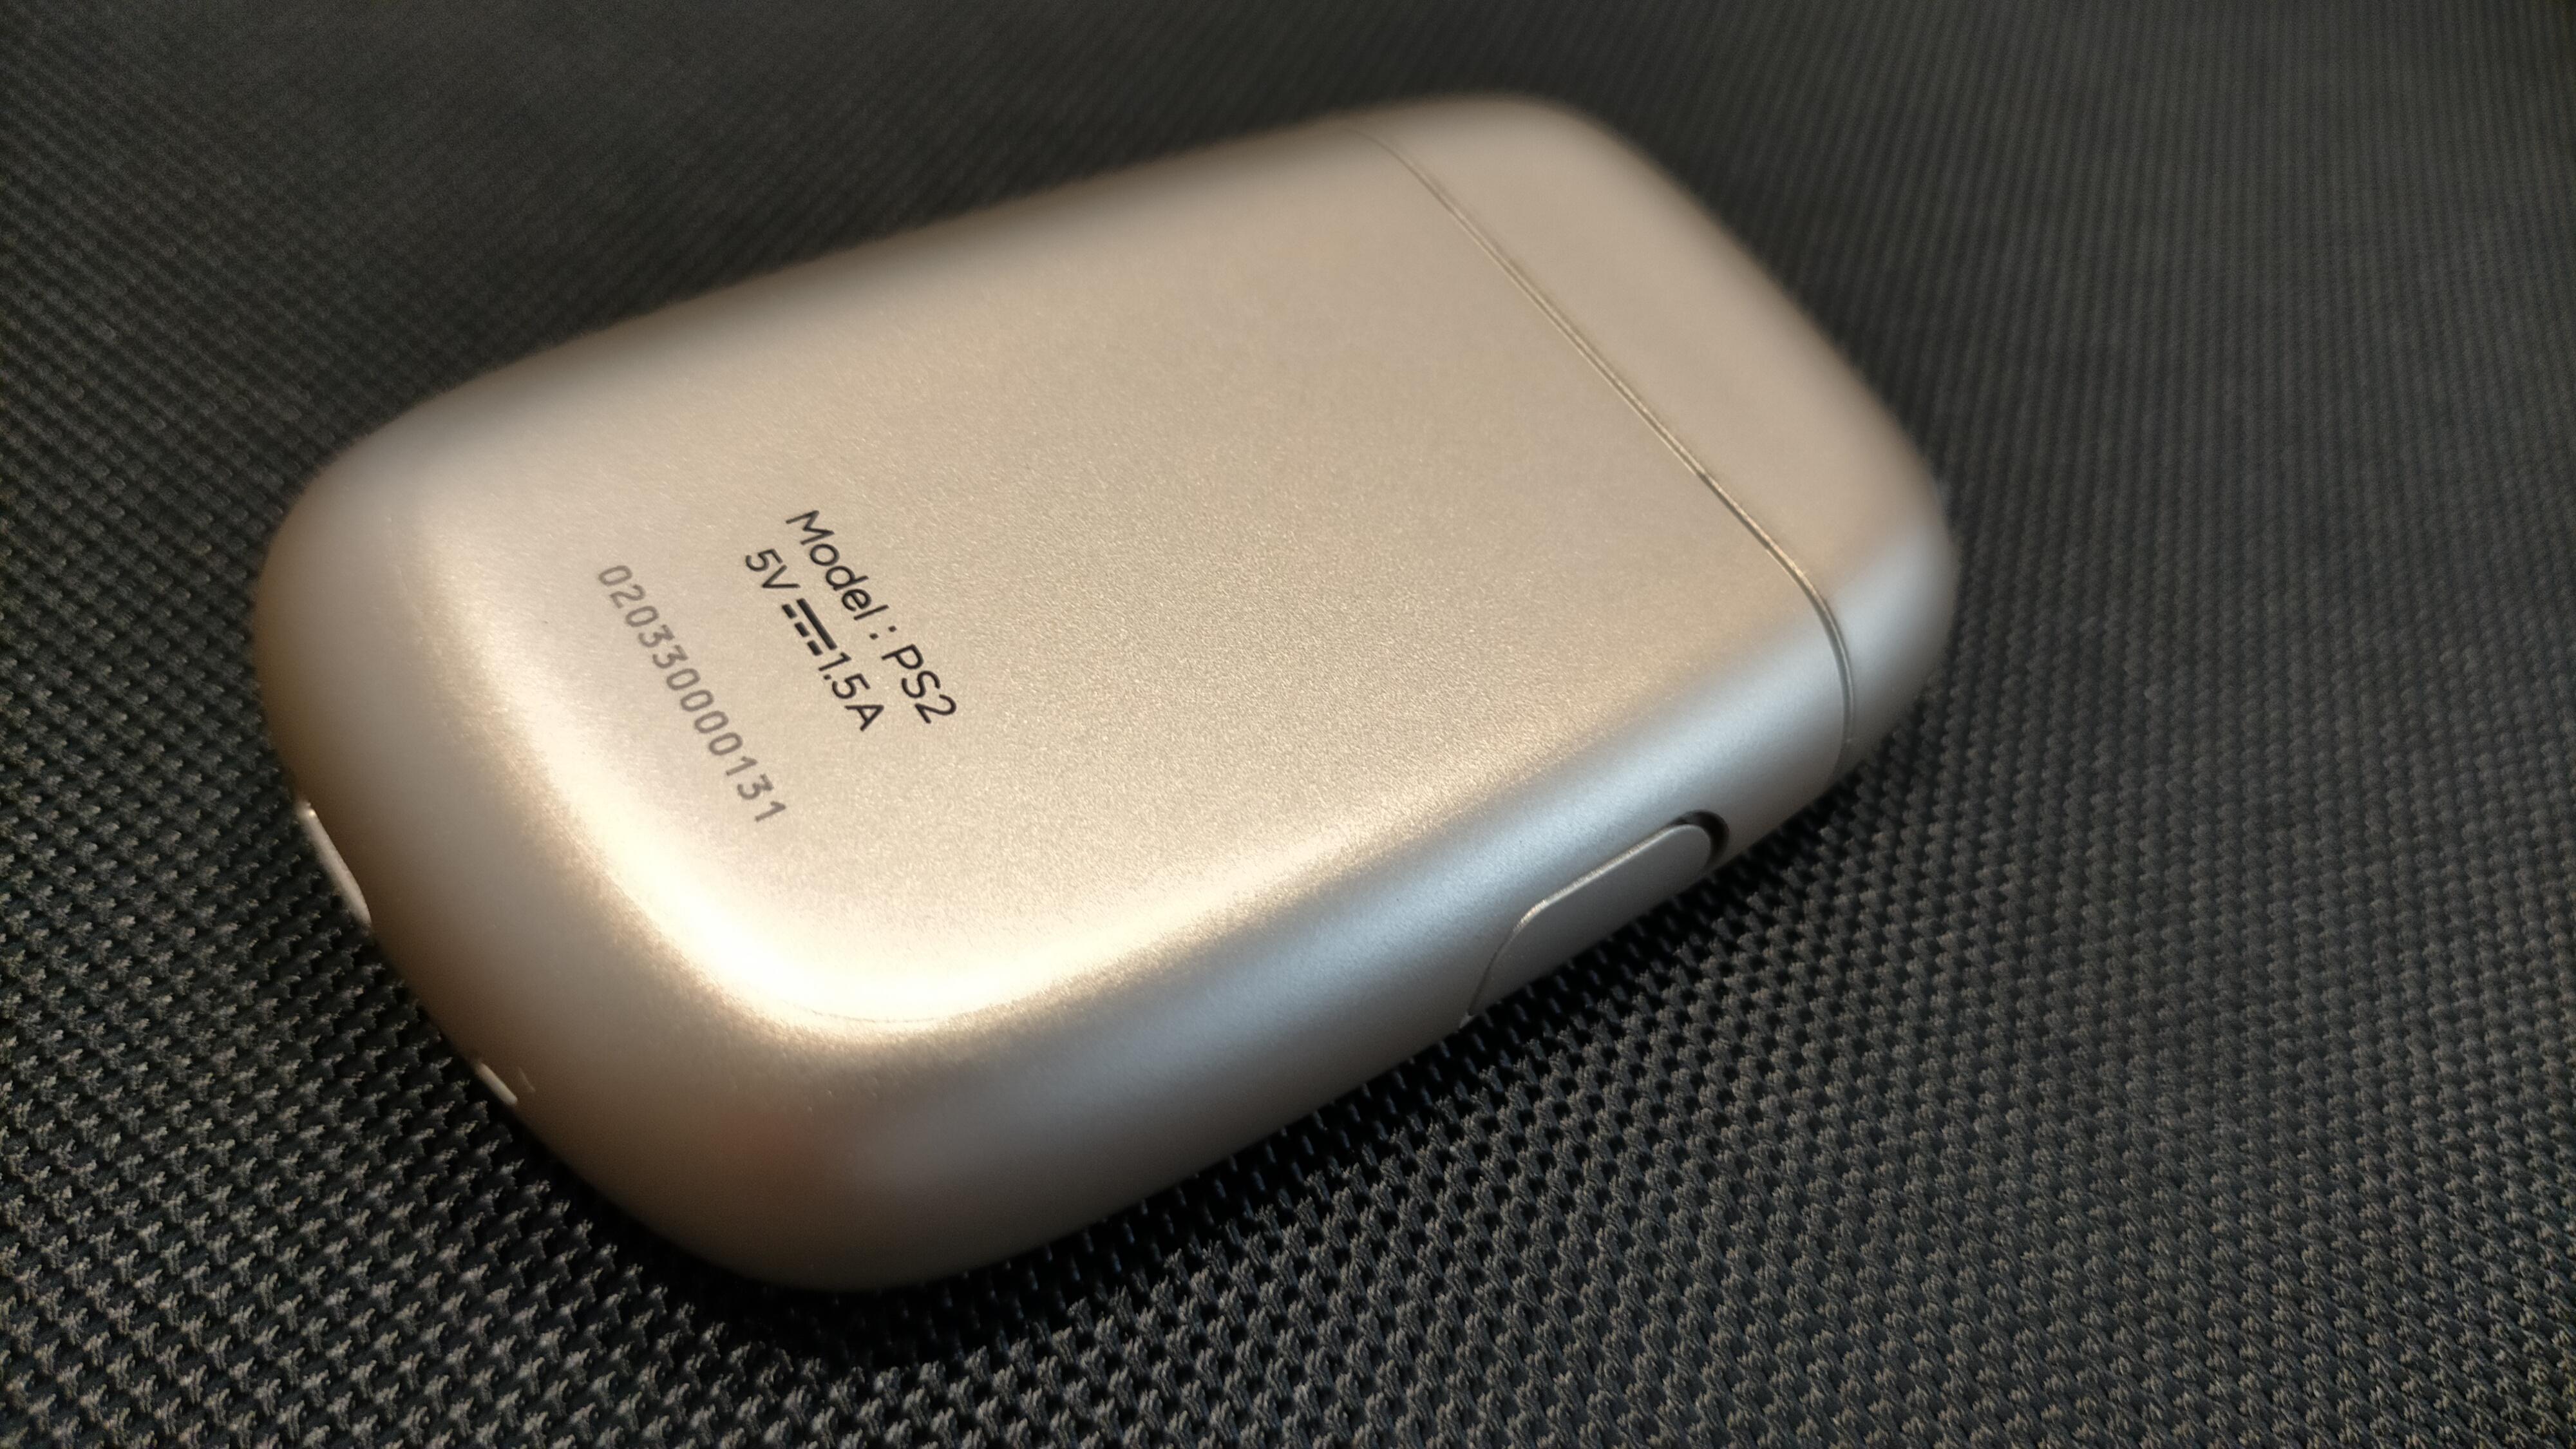 プルームエス2.0のクラシックゴールド色